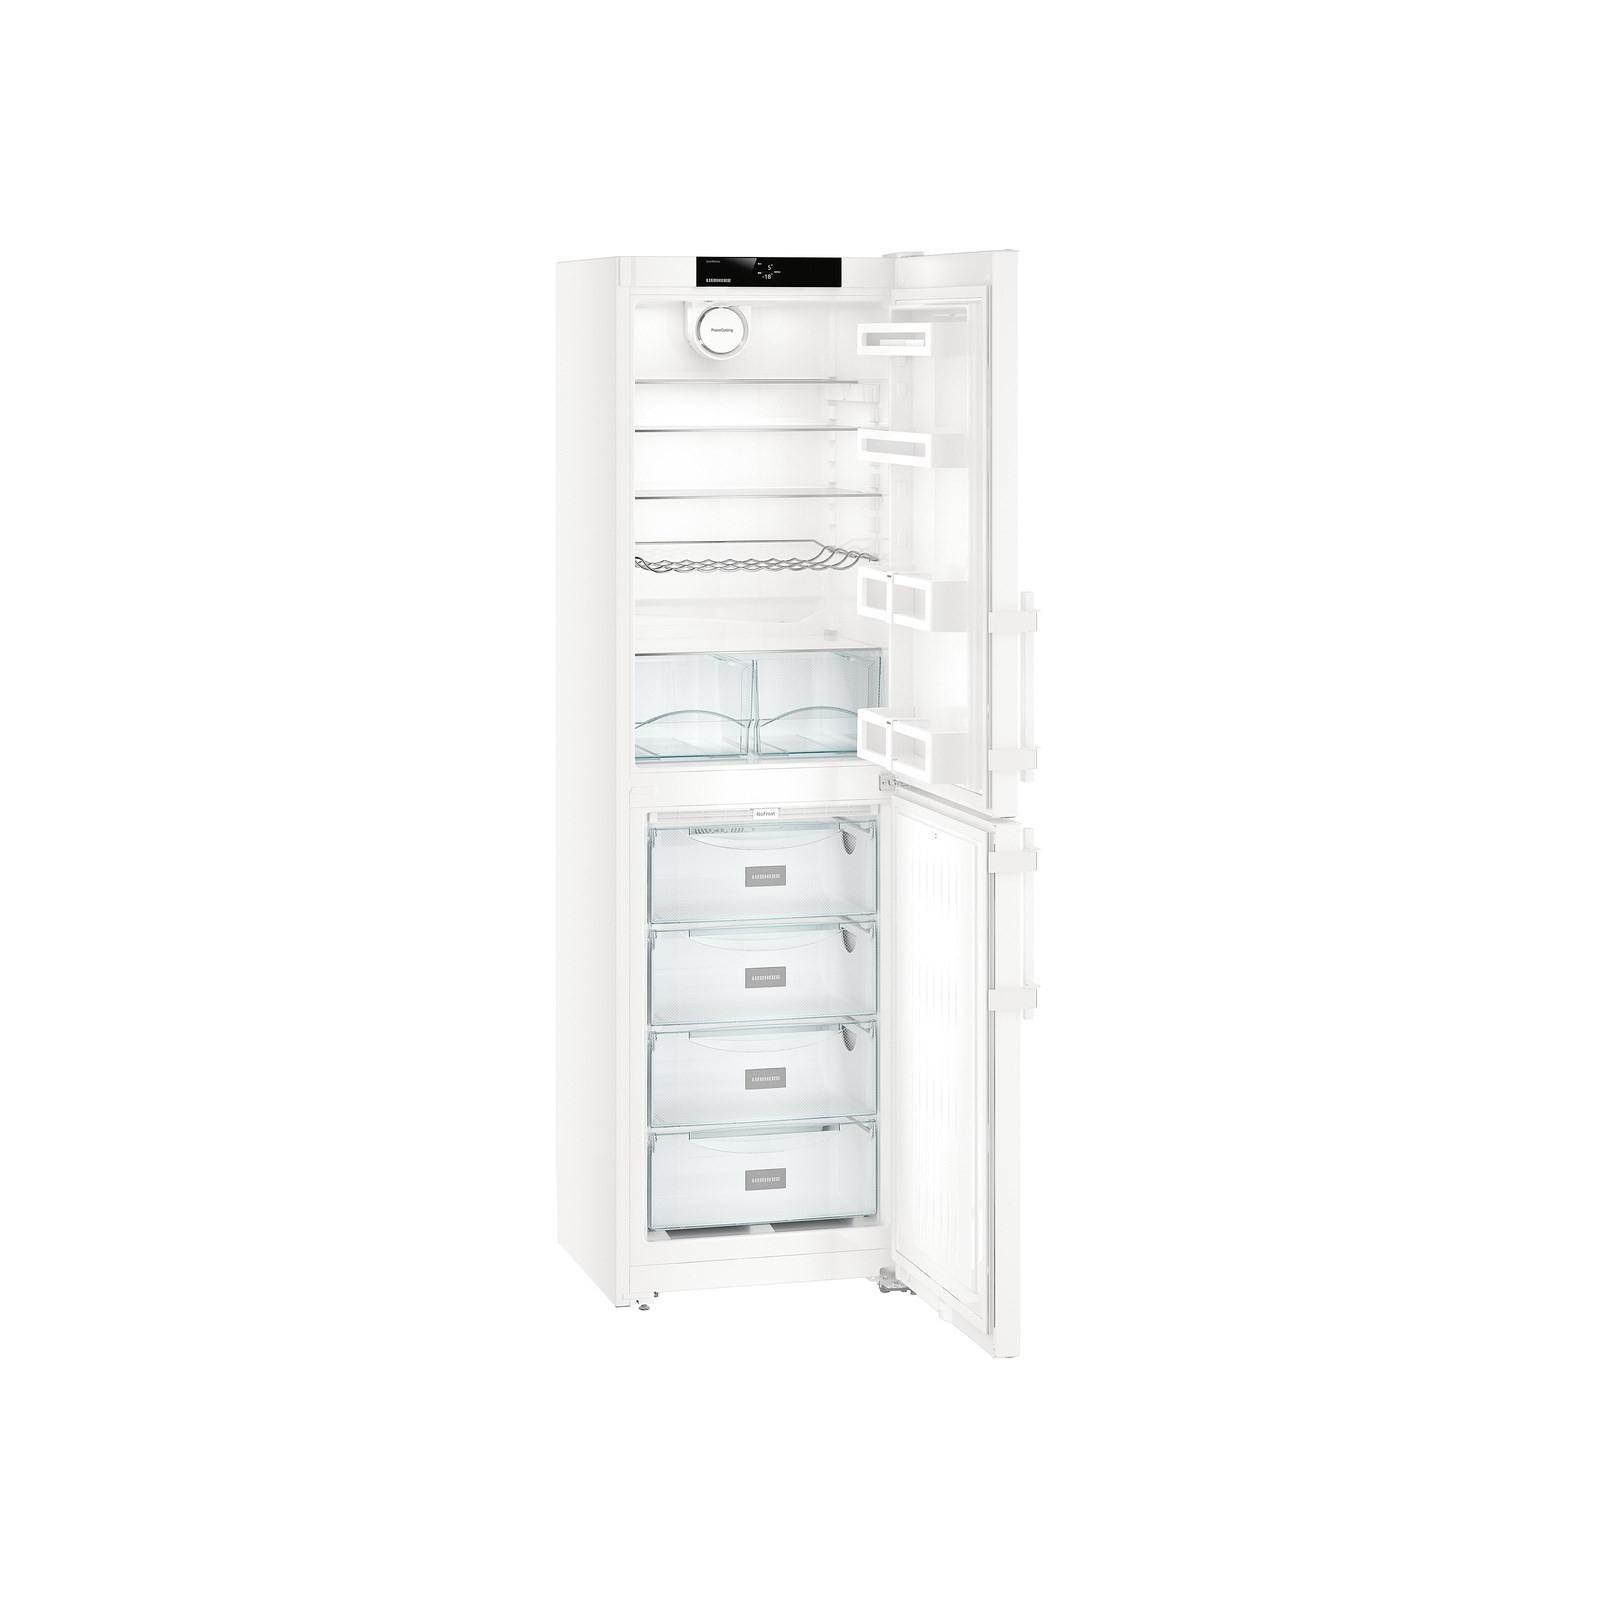 Холодильник Liebherr CN 3915 изображение 3